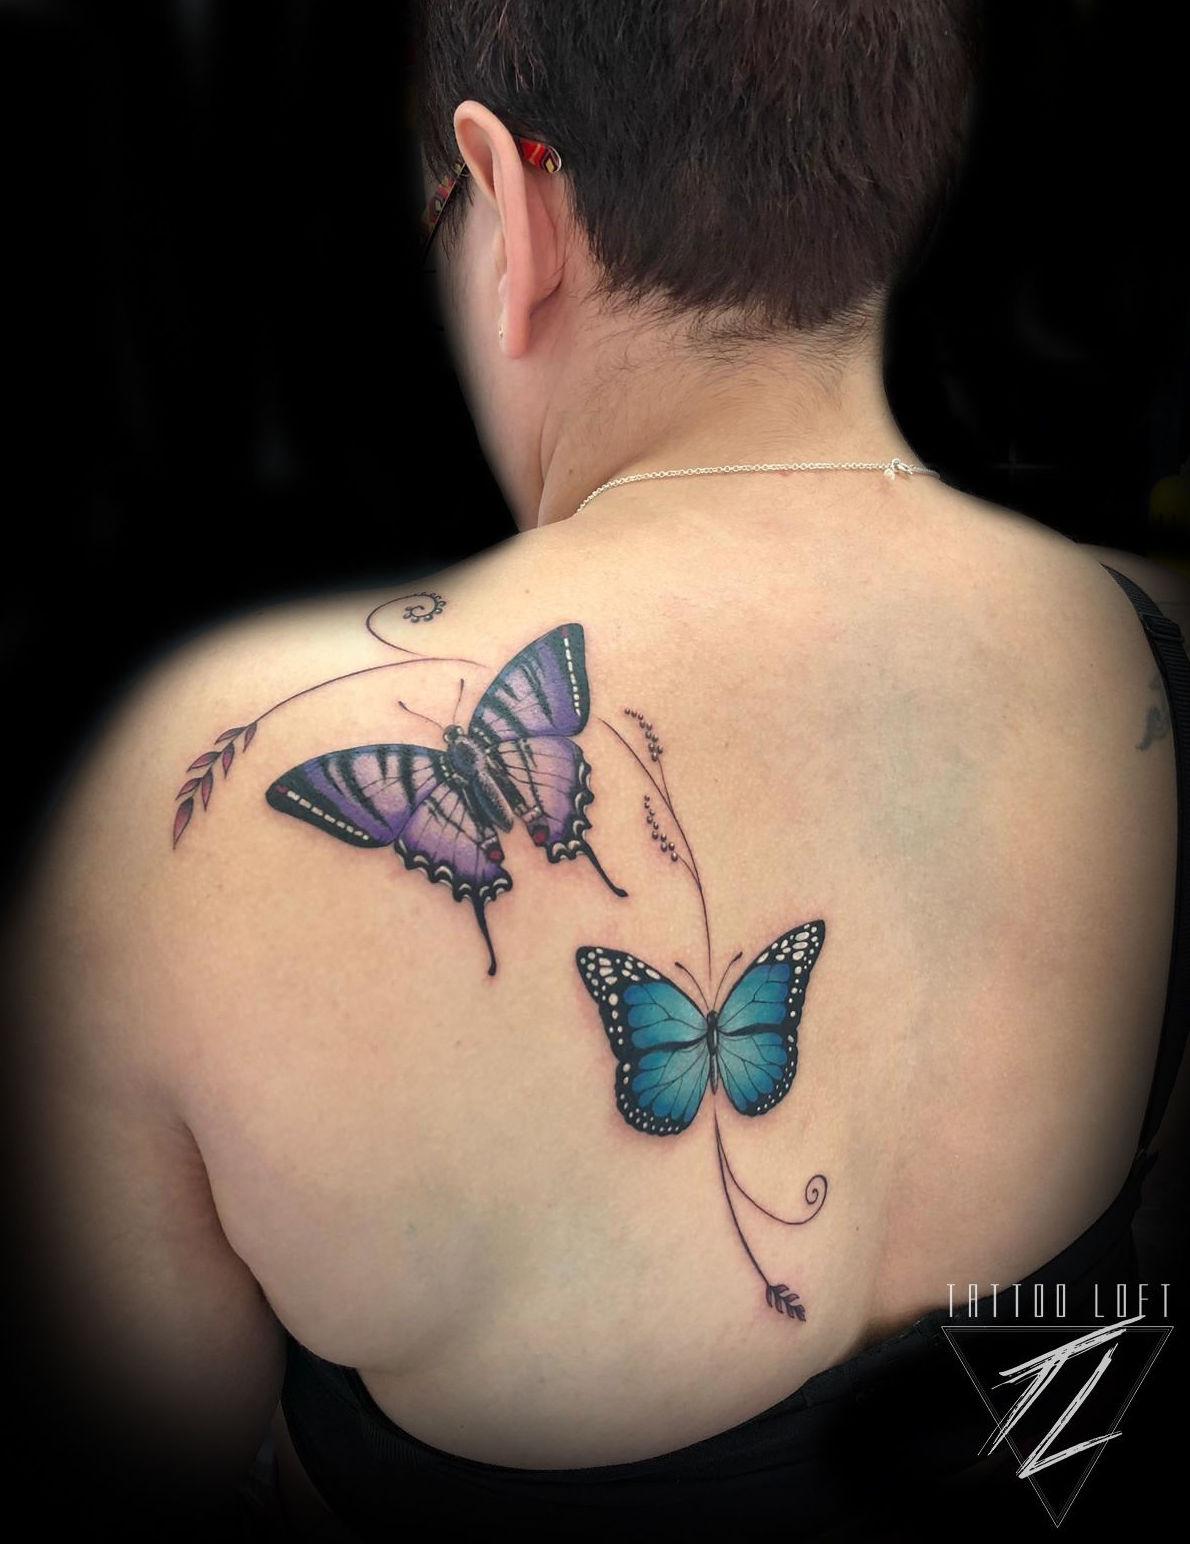 Tatuaje mariposas Carabanchel